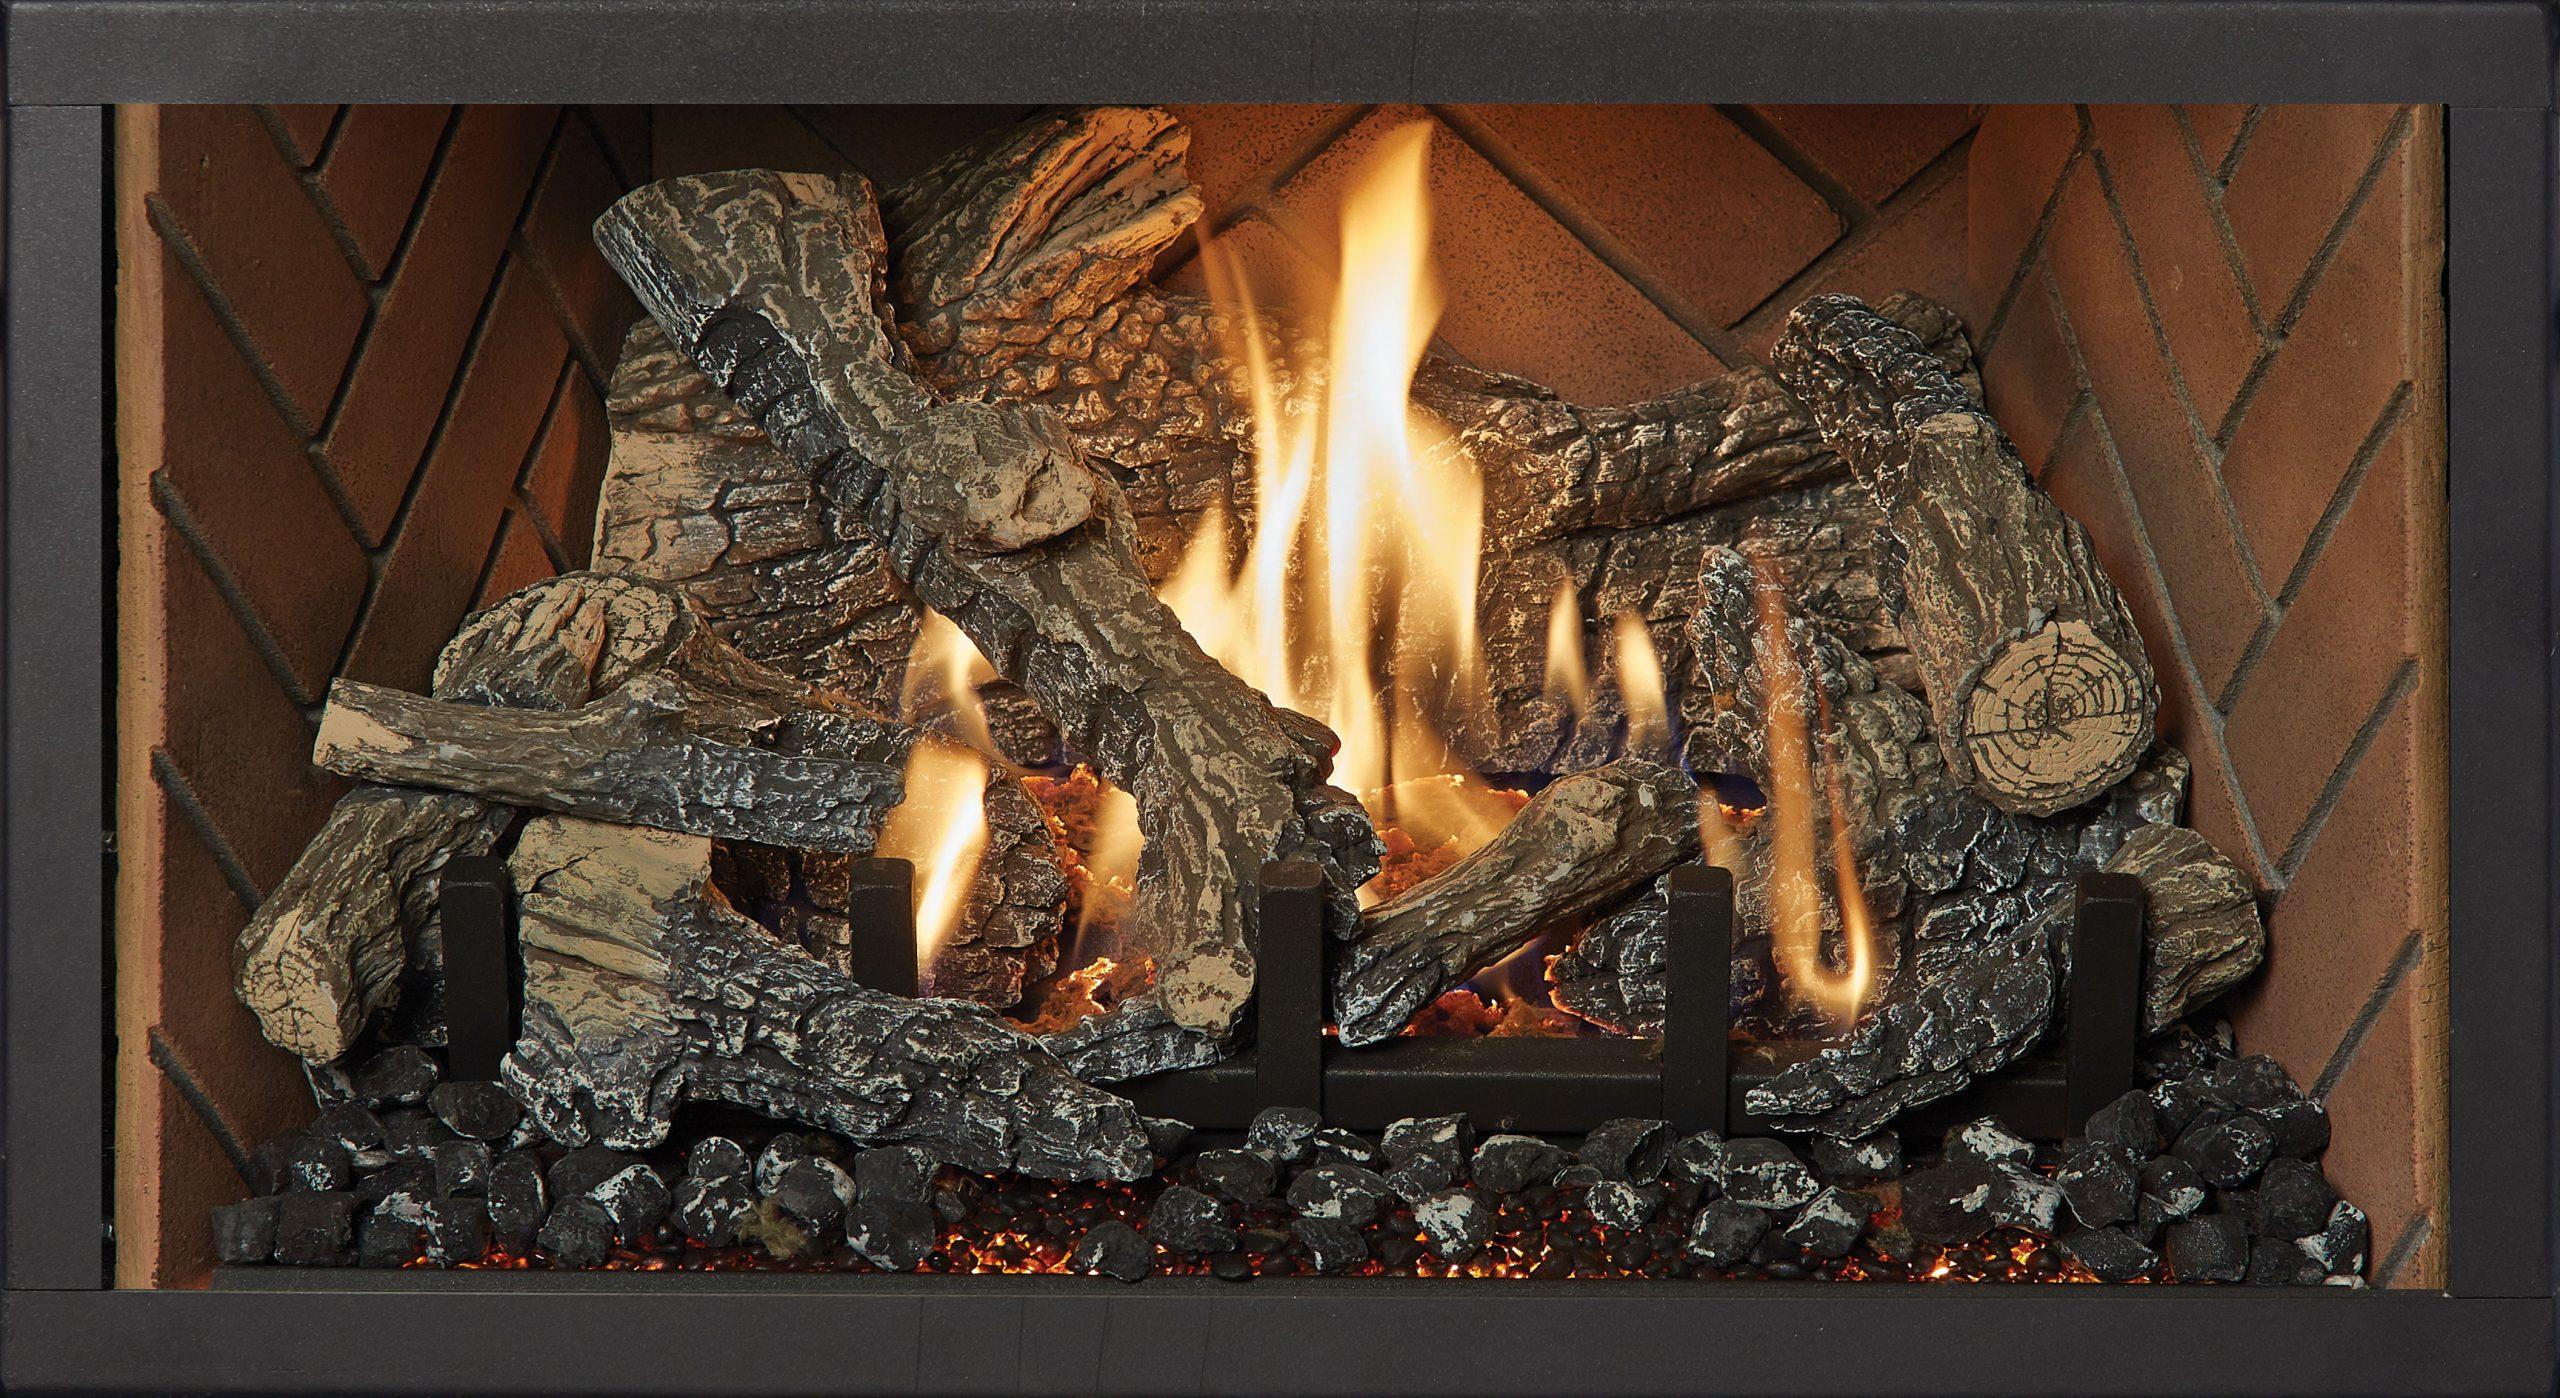 DVS Herringbone Brick Fireback Liner